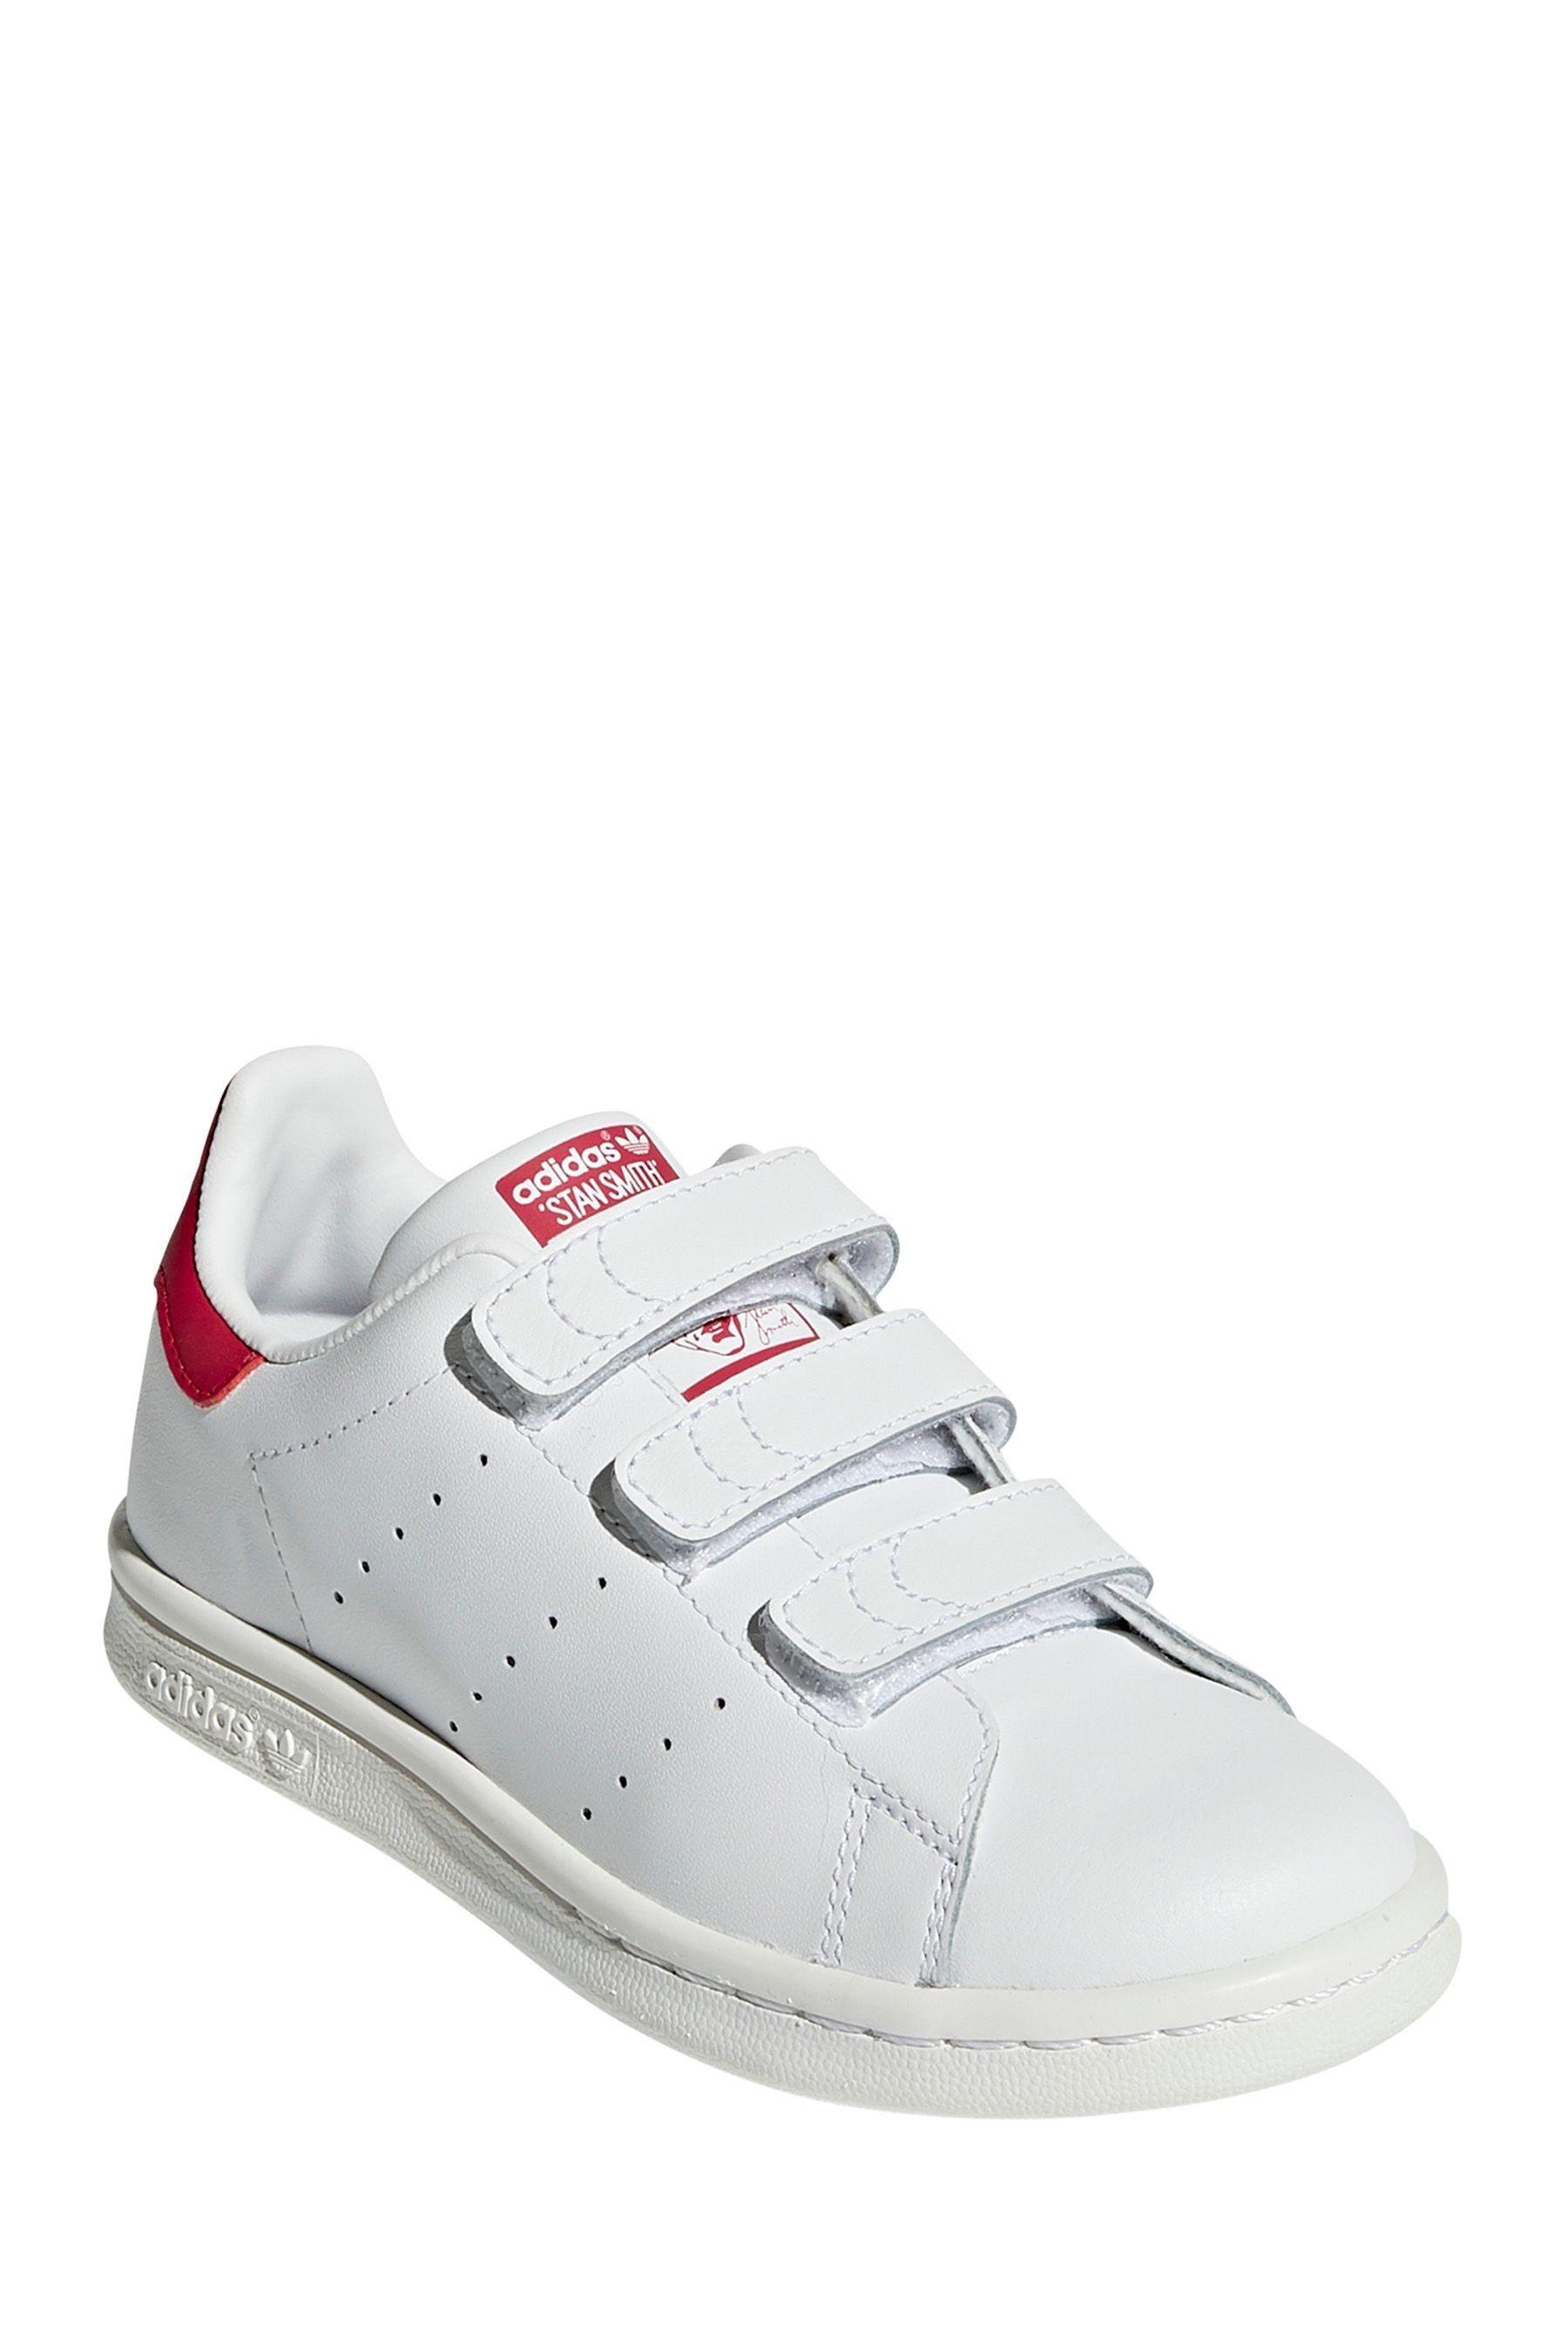 adidas originals toddler trainers